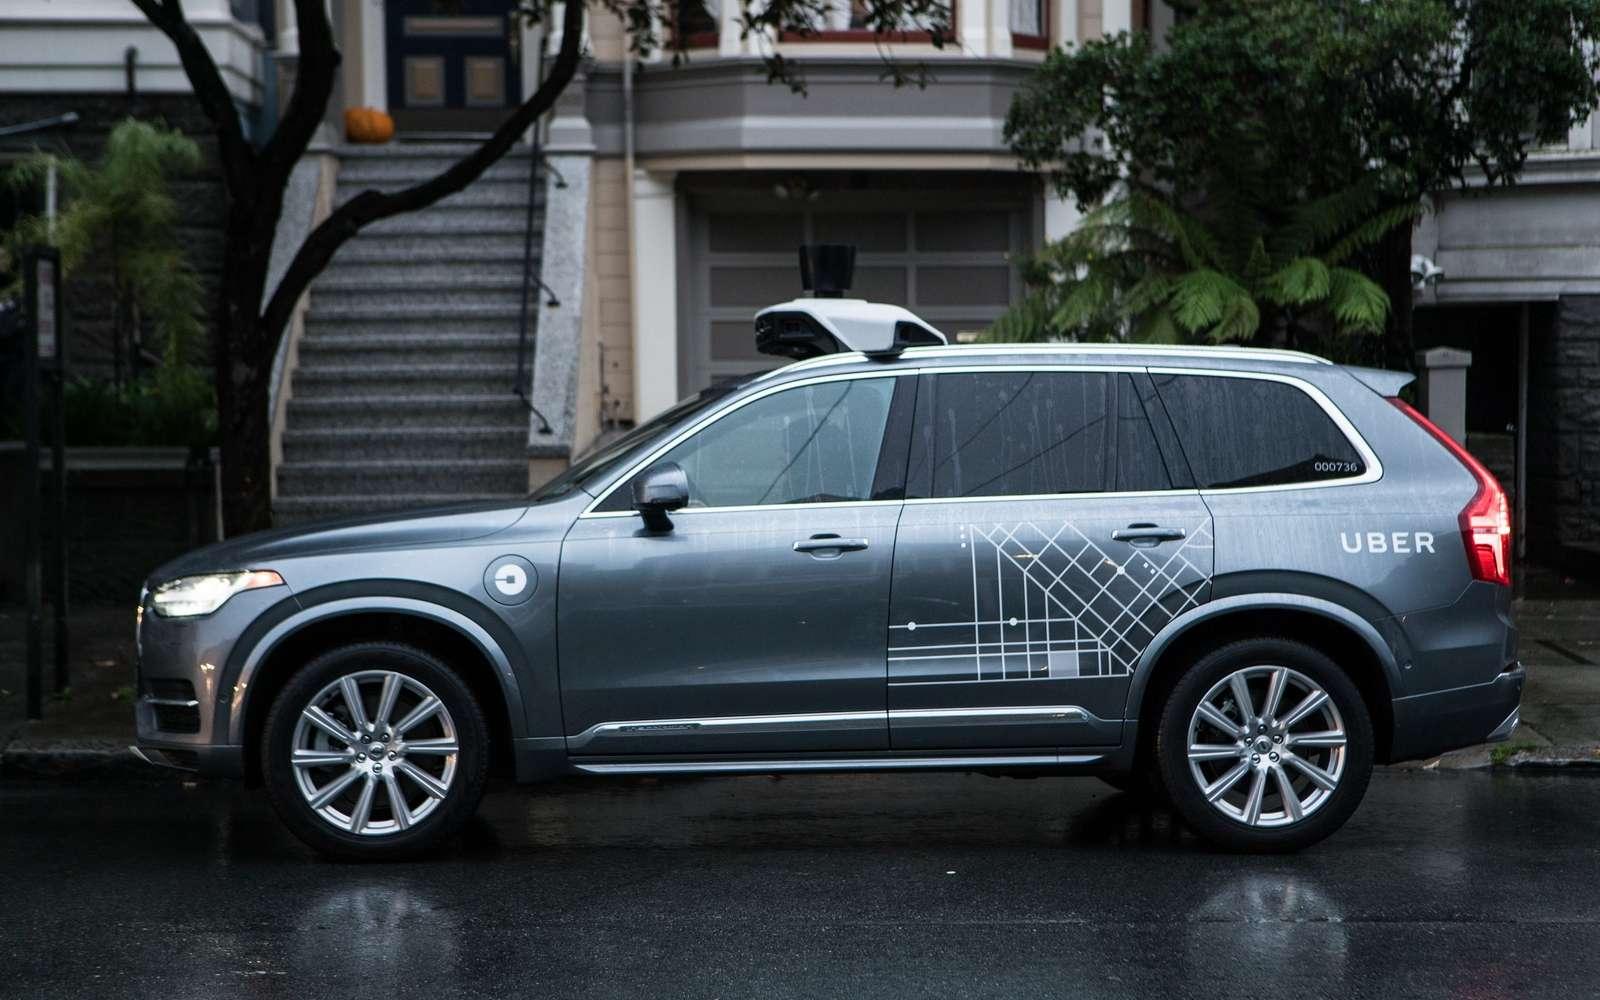 Uber a obtenu des autorisations de test de ses voitures autonomes dans plusieurs villes des États-Unis ainsi qu'au Canada. © Uber